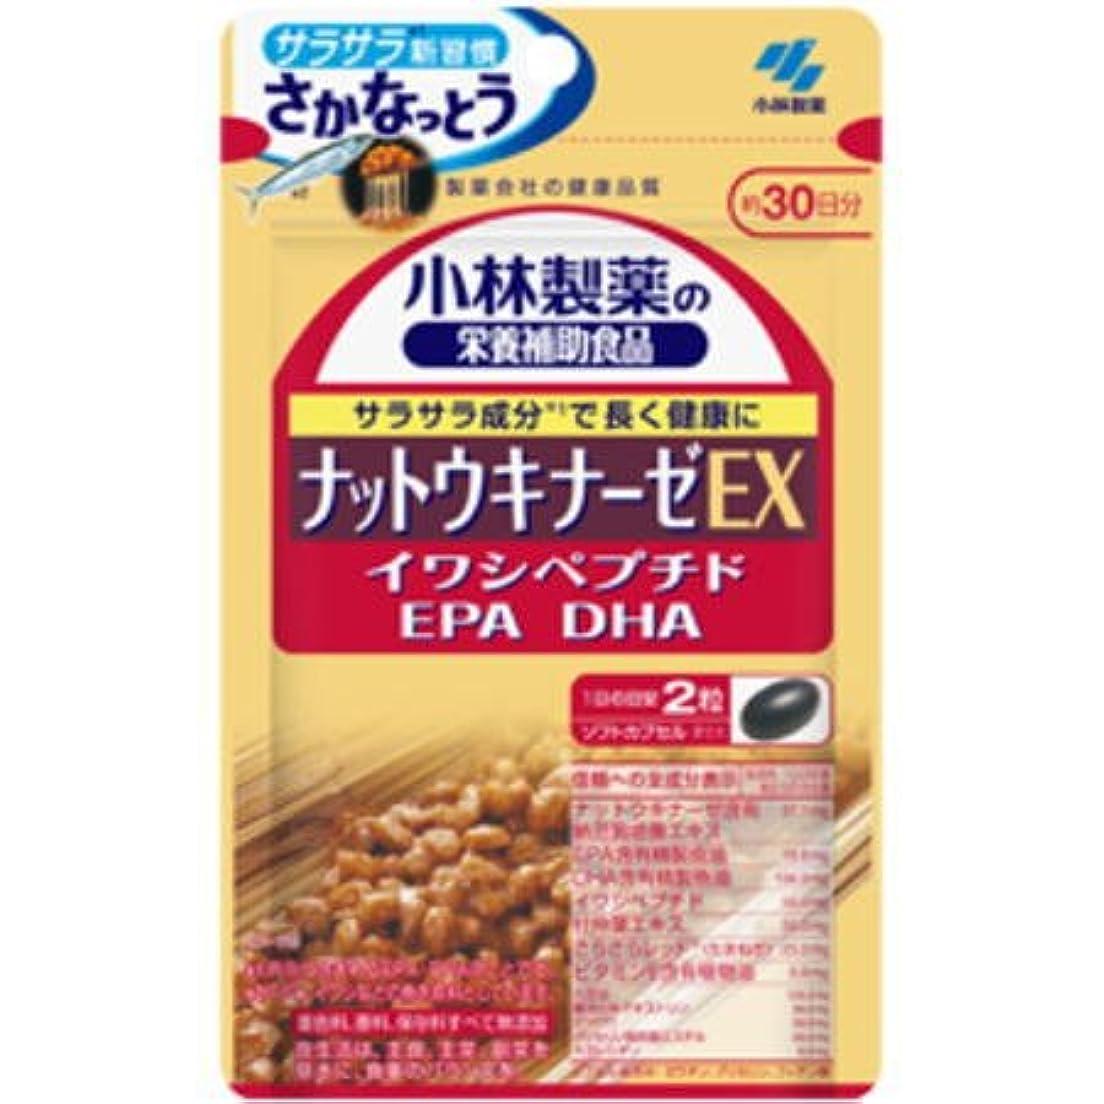 つかの間マークされた妥協小林製薬 ナットウキナーゼ EX 60粒×6個セット